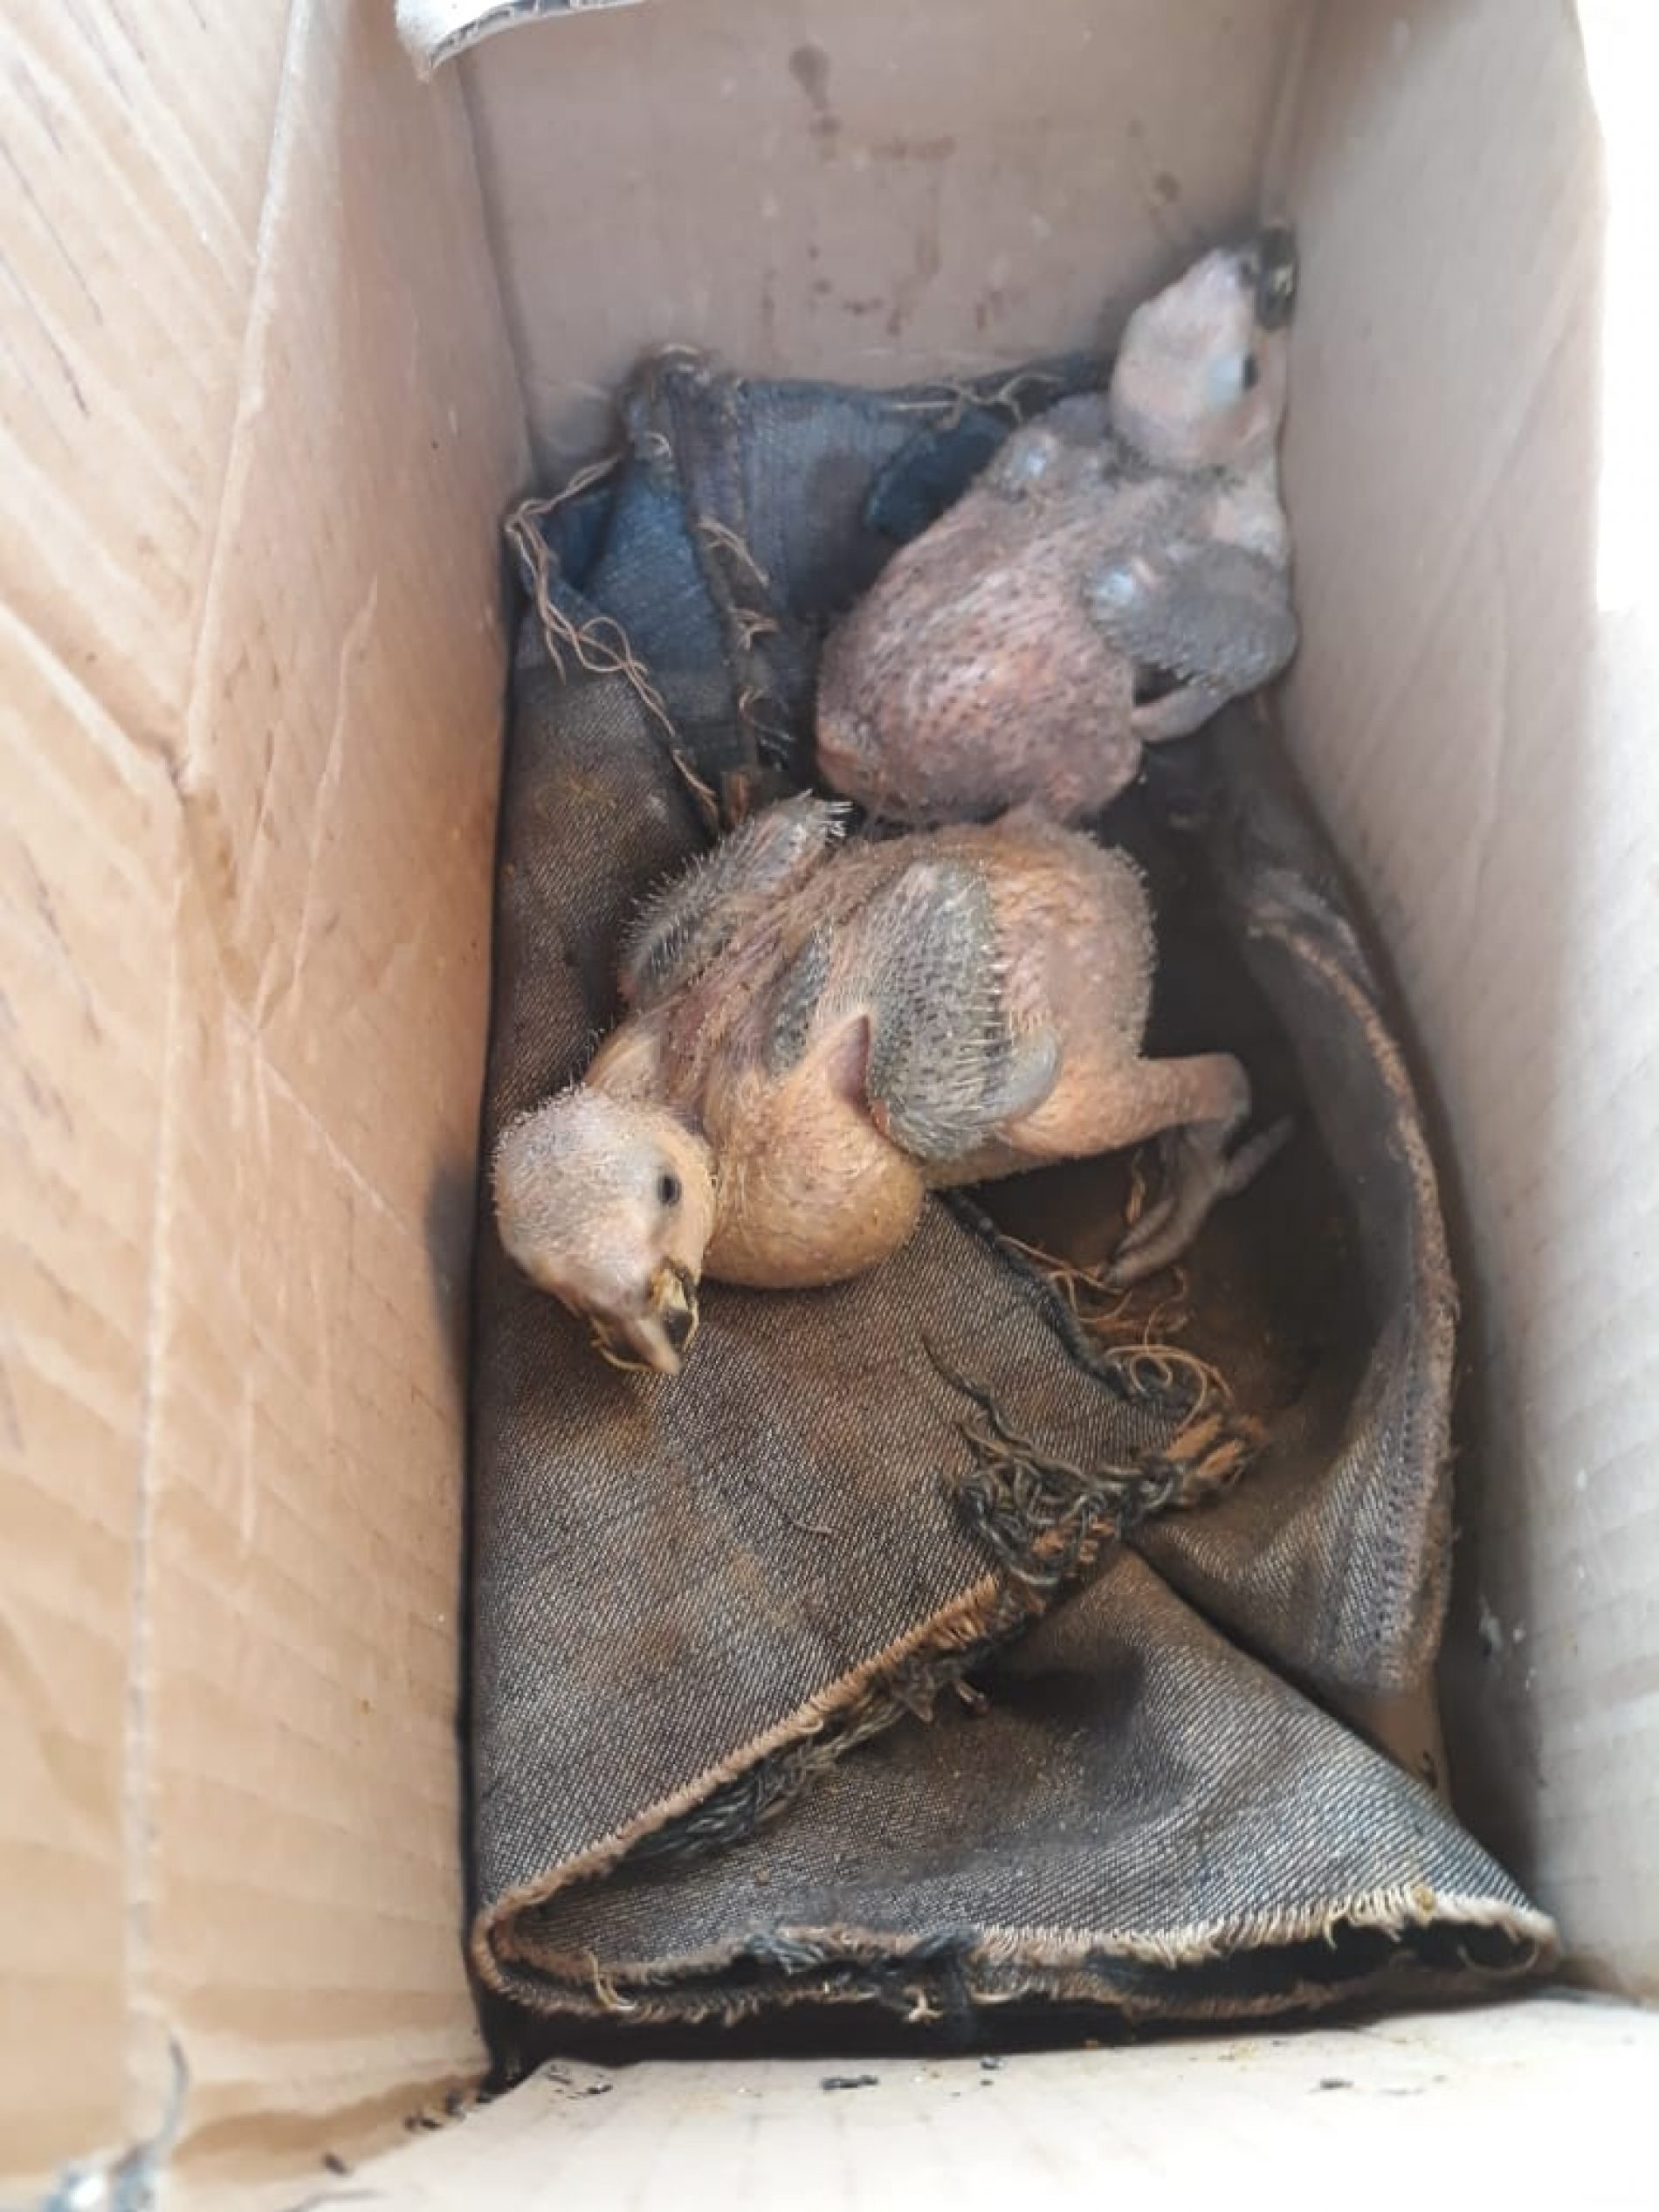 BARRETOS: Transporte de animal silvestre e Maus Tratos